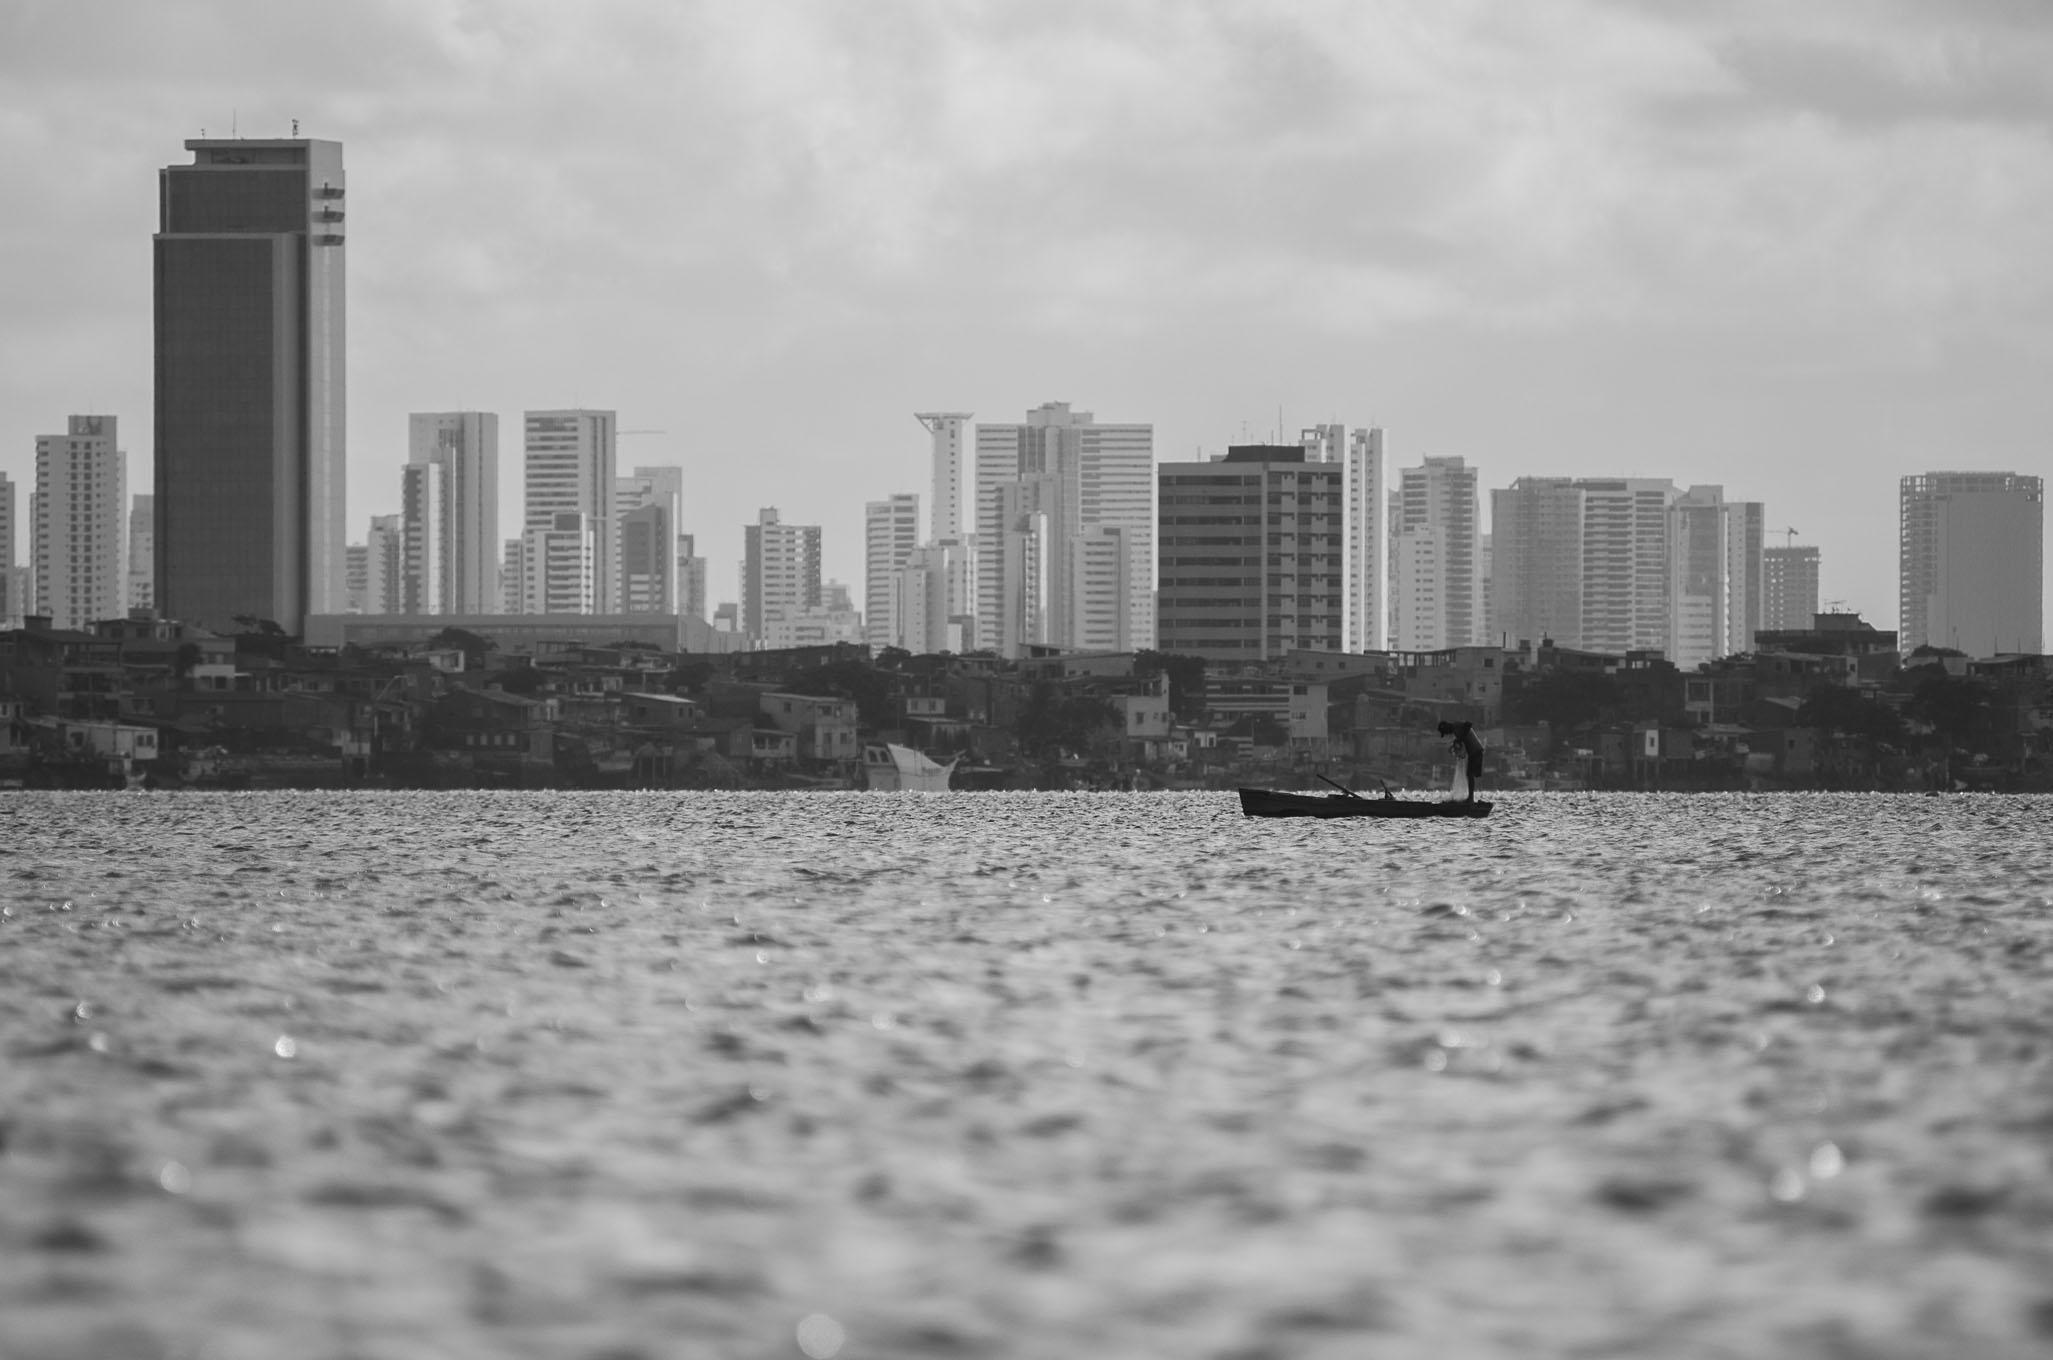 Passeio de barco no Rio Capibaribe (Recife). Na foto, pescador joga de rede de pescar no Rio Pina. Ao fundo, Brasília Teimosa e os prédios da zona sul do Recife (PE). Foto: Marcelo Soares.